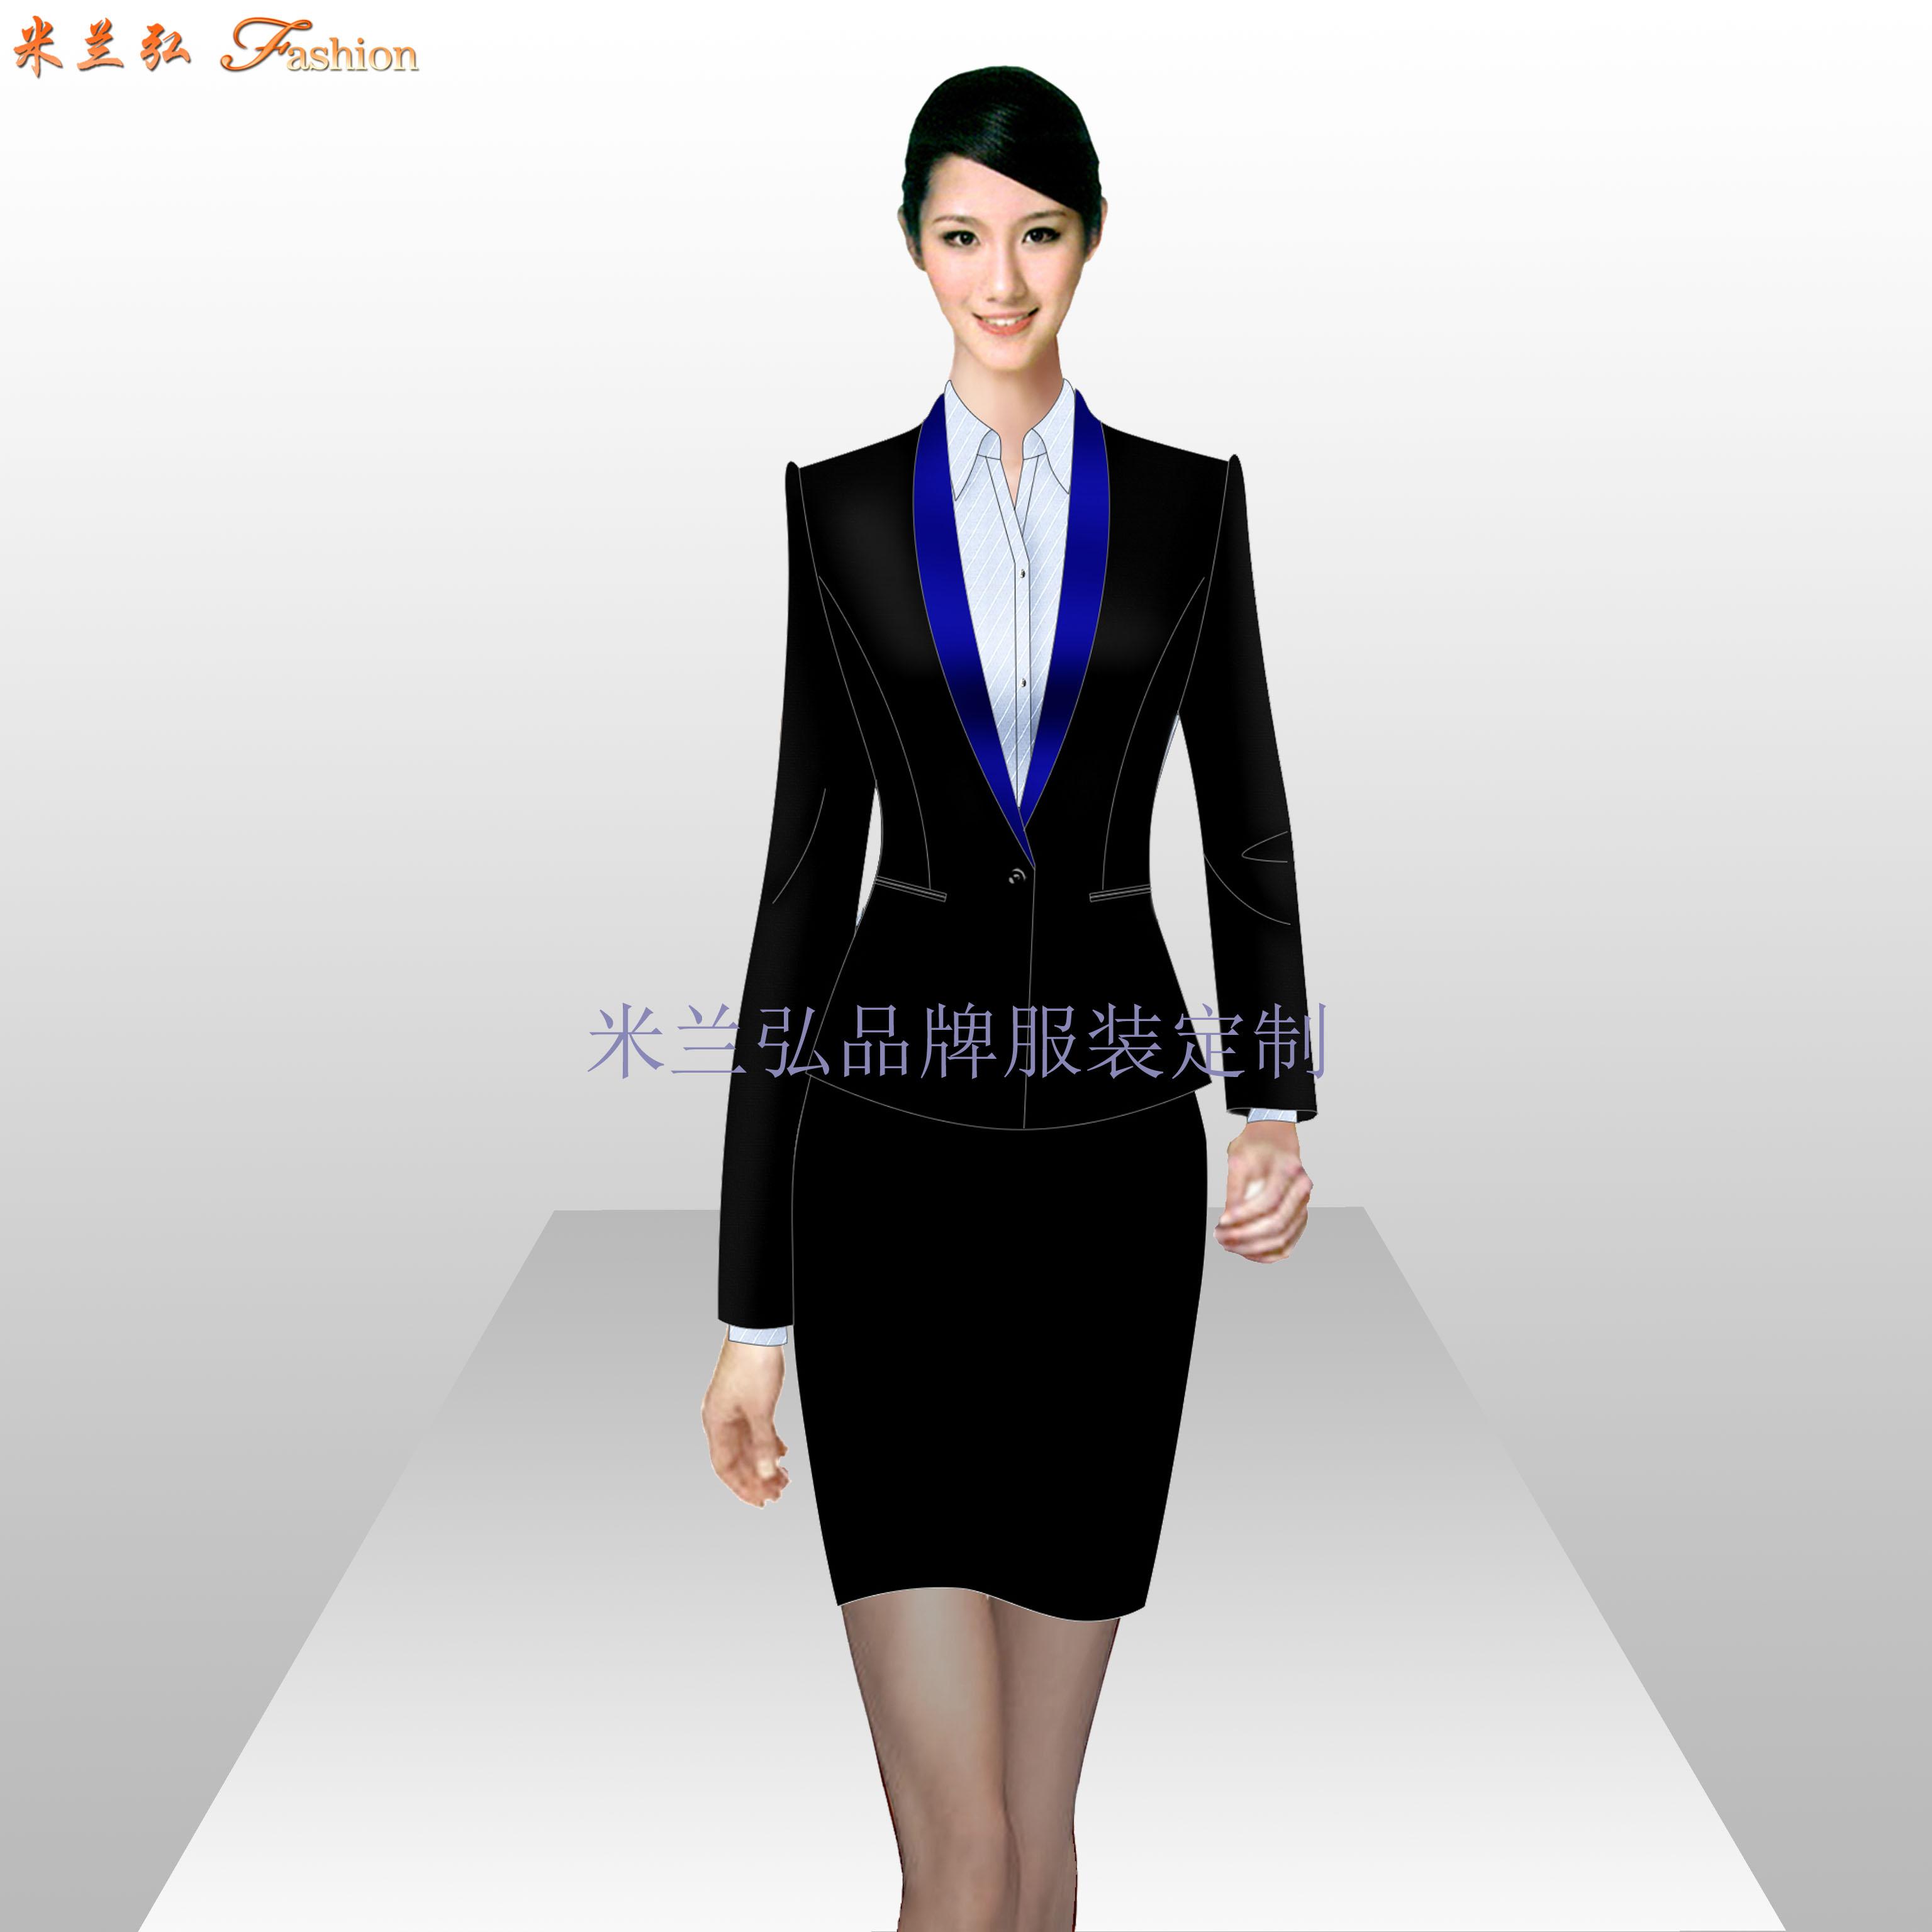 珠寶店工作服定做_工作服廠家訂做-米蘭弘服裝廠家-3